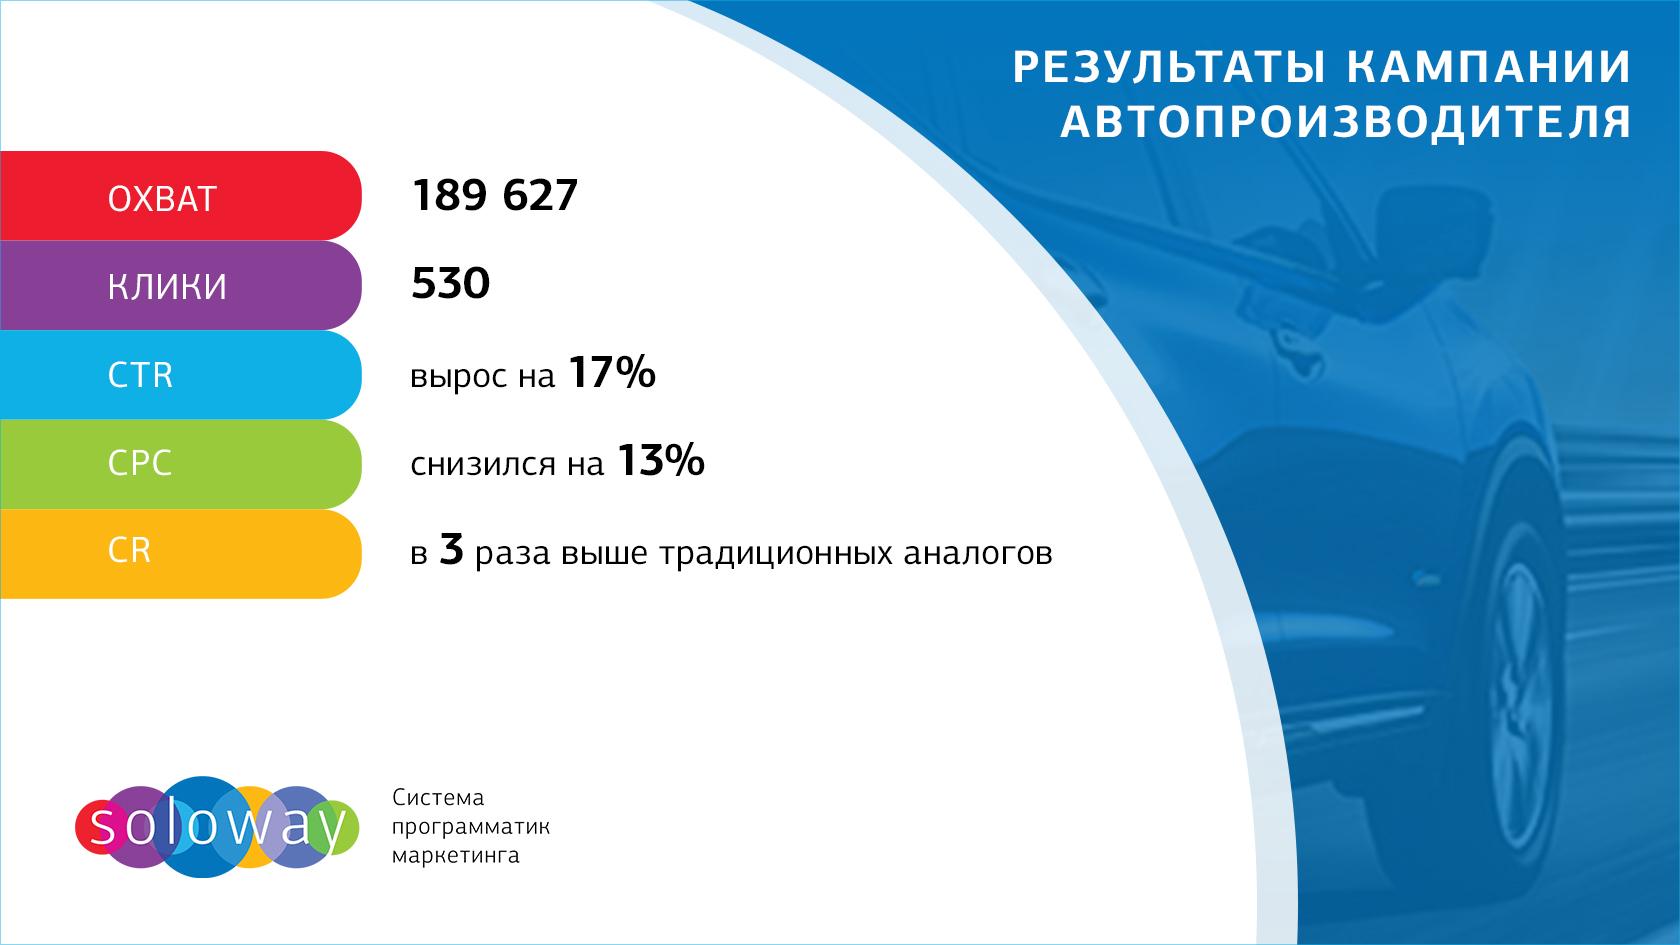 Результаты рекламной кампании автопроизводителя